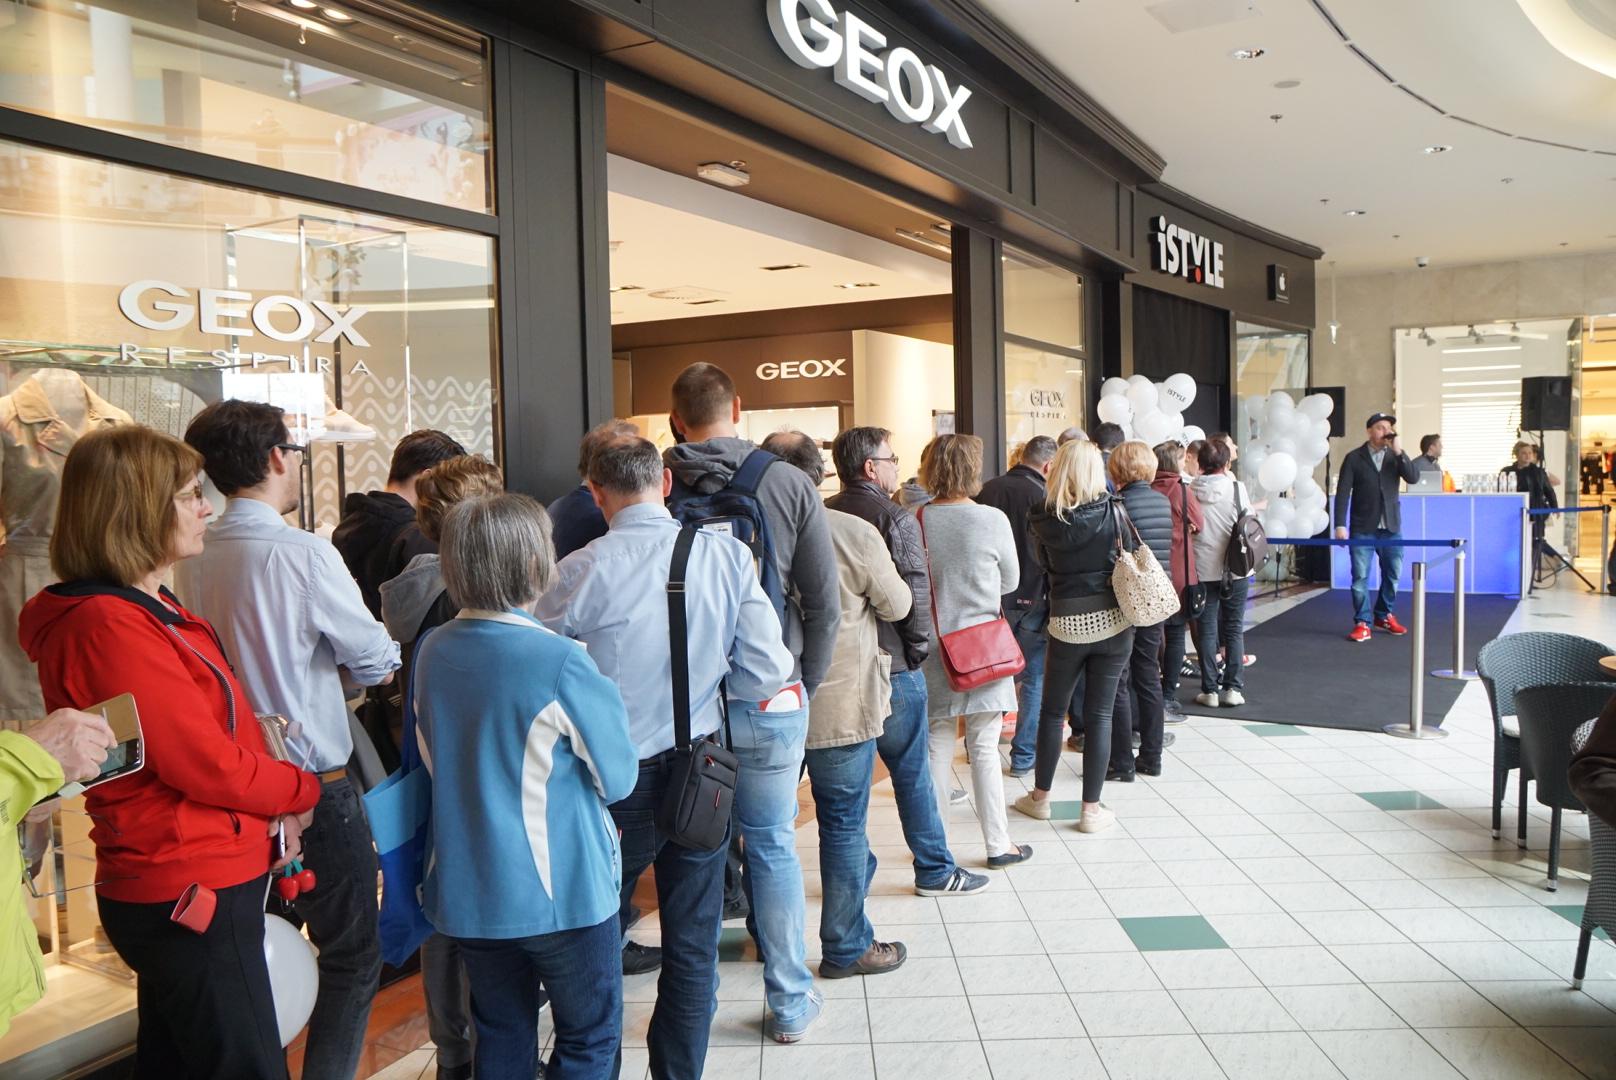 Množica je nestrpno čakala na odprtje iStyle prodajalne.